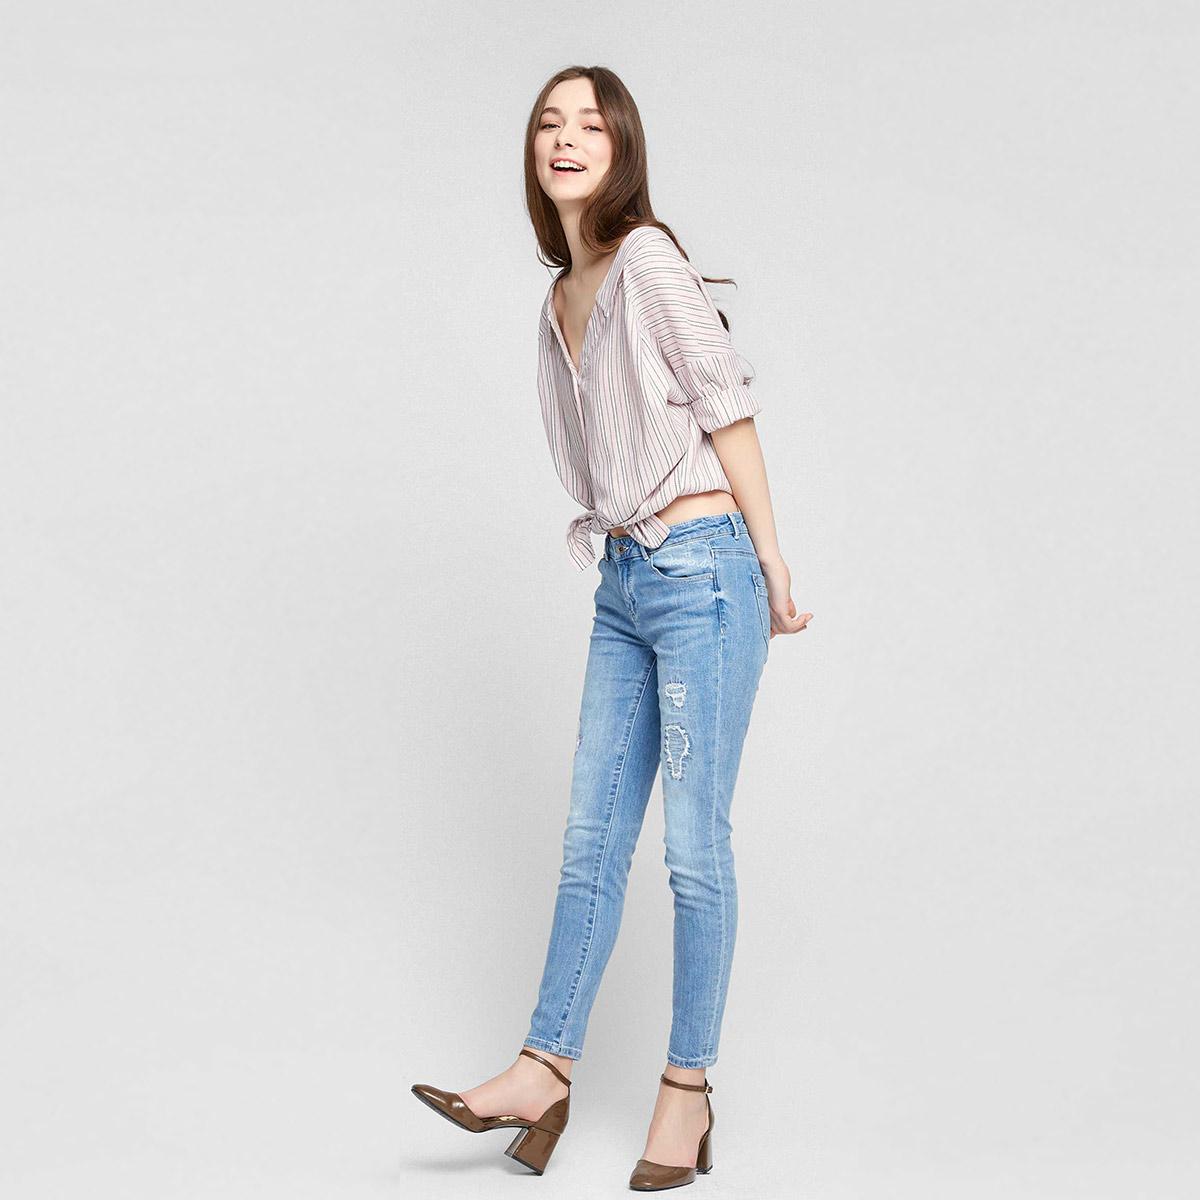 修身破洞牛仔裤 Vero Moda2018年破洞设计棉弹修身九分牛仔裤女装 317149551_推荐淘宝好看的女修身破洞牛仔裤